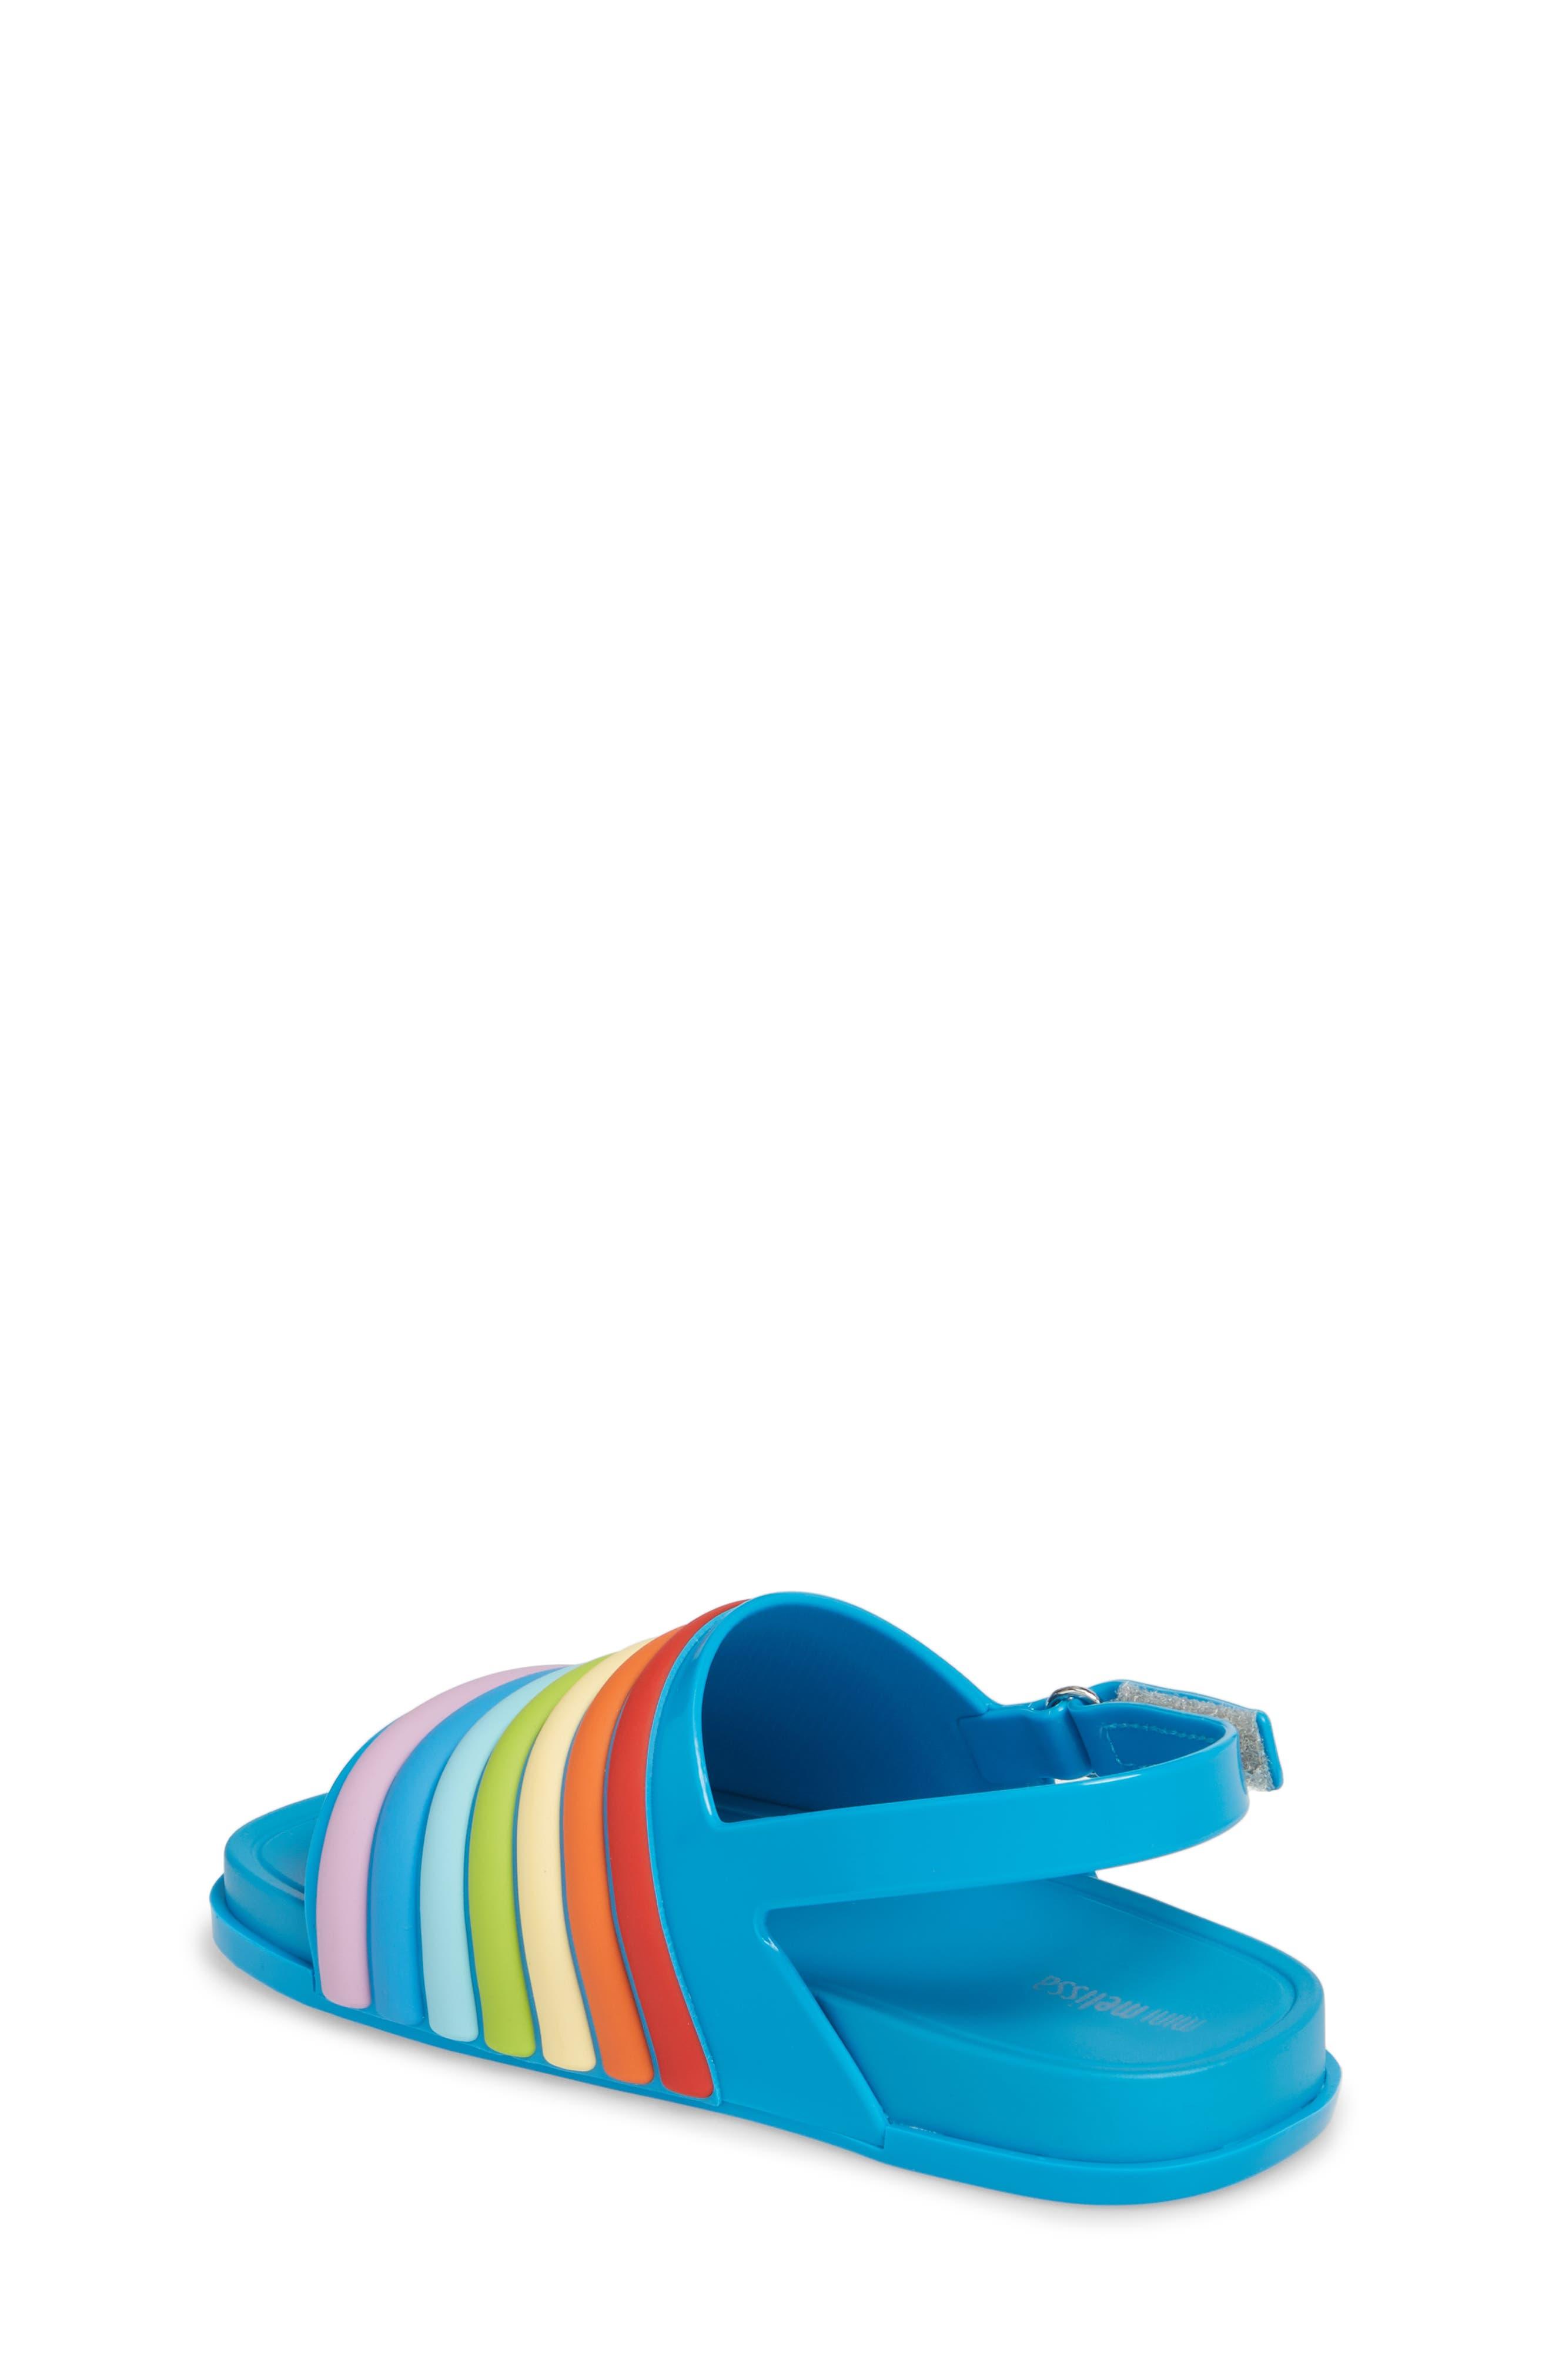 Rainbow Beach Sandal,                             Alternate thumbnail 7, color,